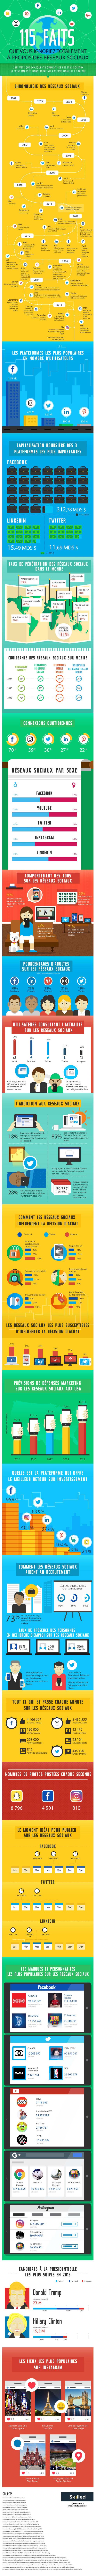 Infographie : 115 faits que vous ignoriez sur les réseaux sociaux